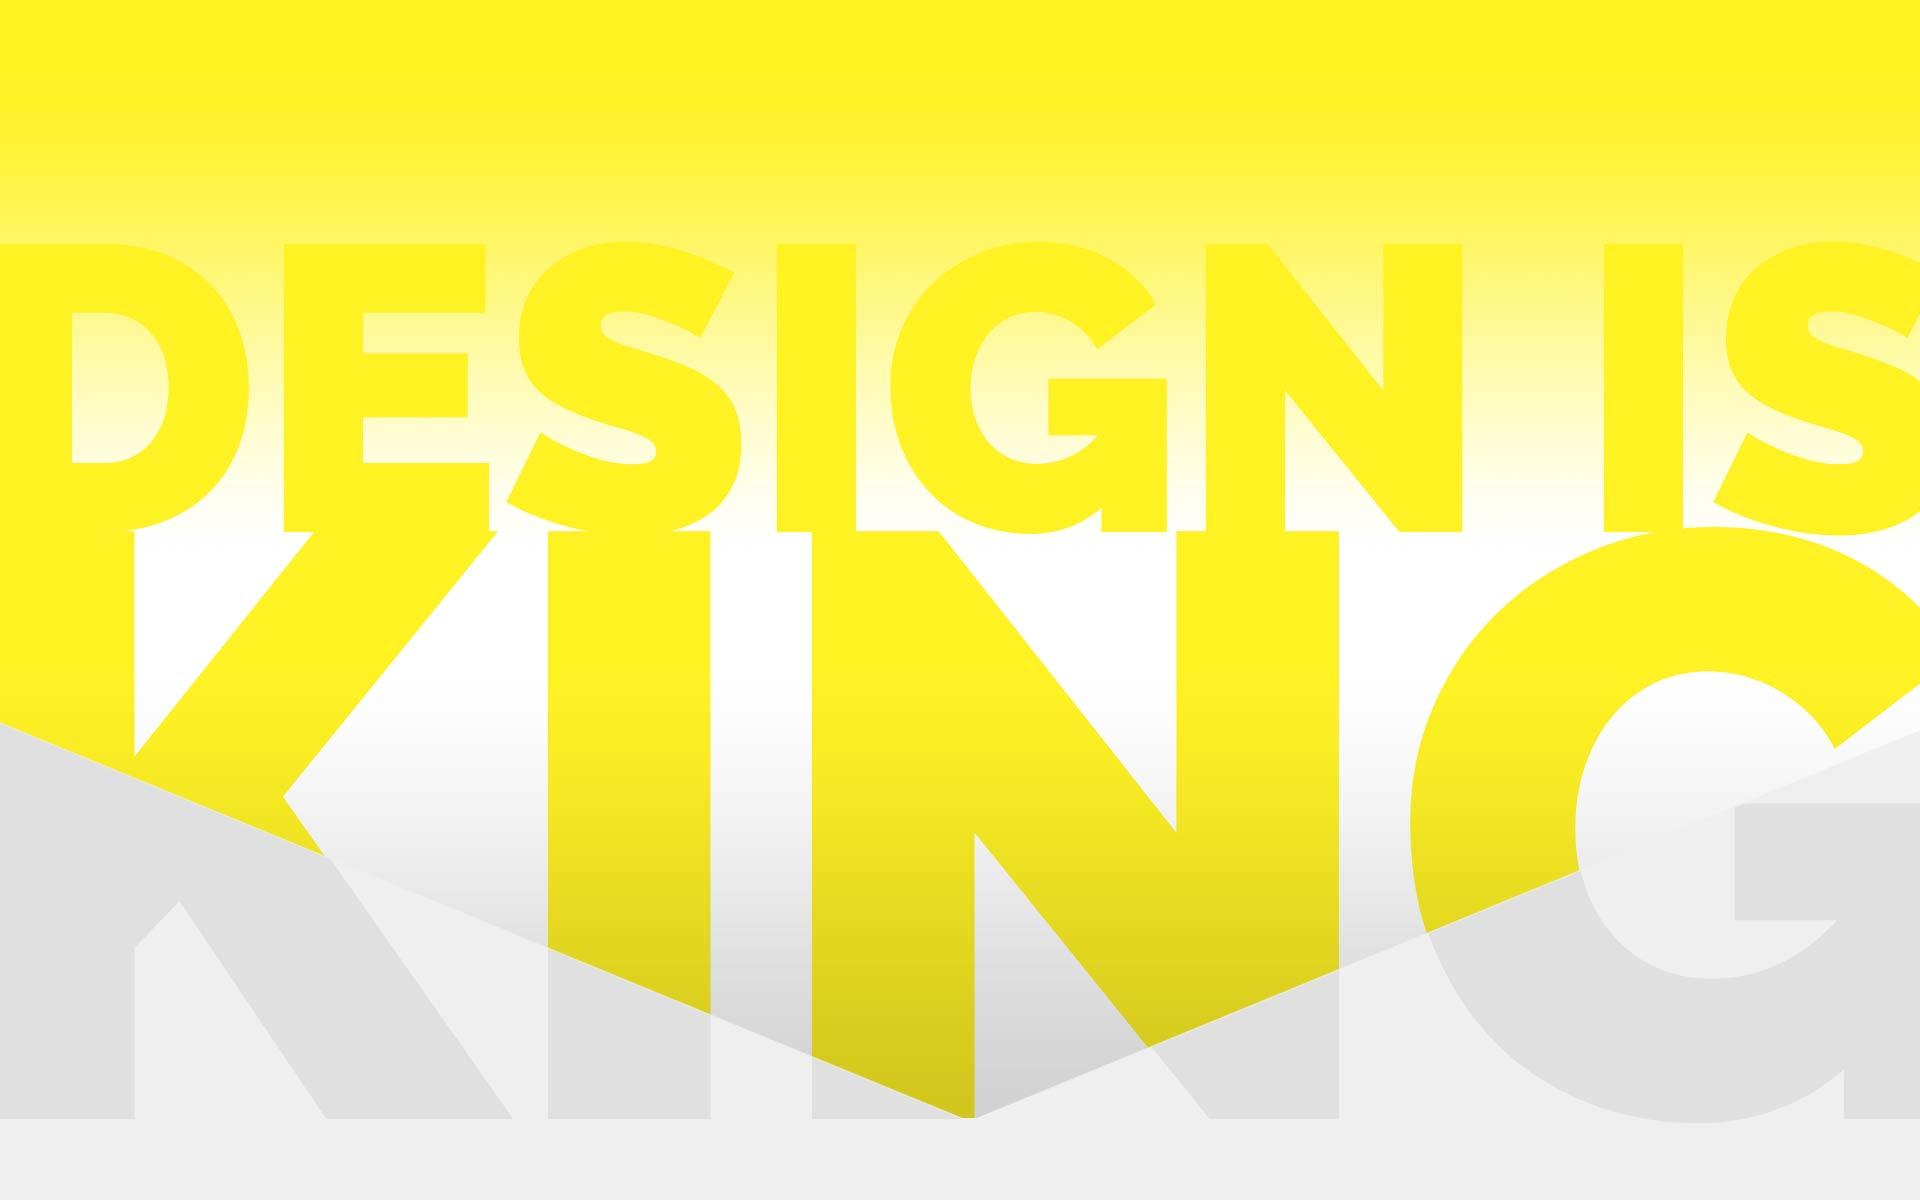 corporate idtentity logo grafik design web branding seo ci geschaeftsausstattung briefpapier muenchen 1